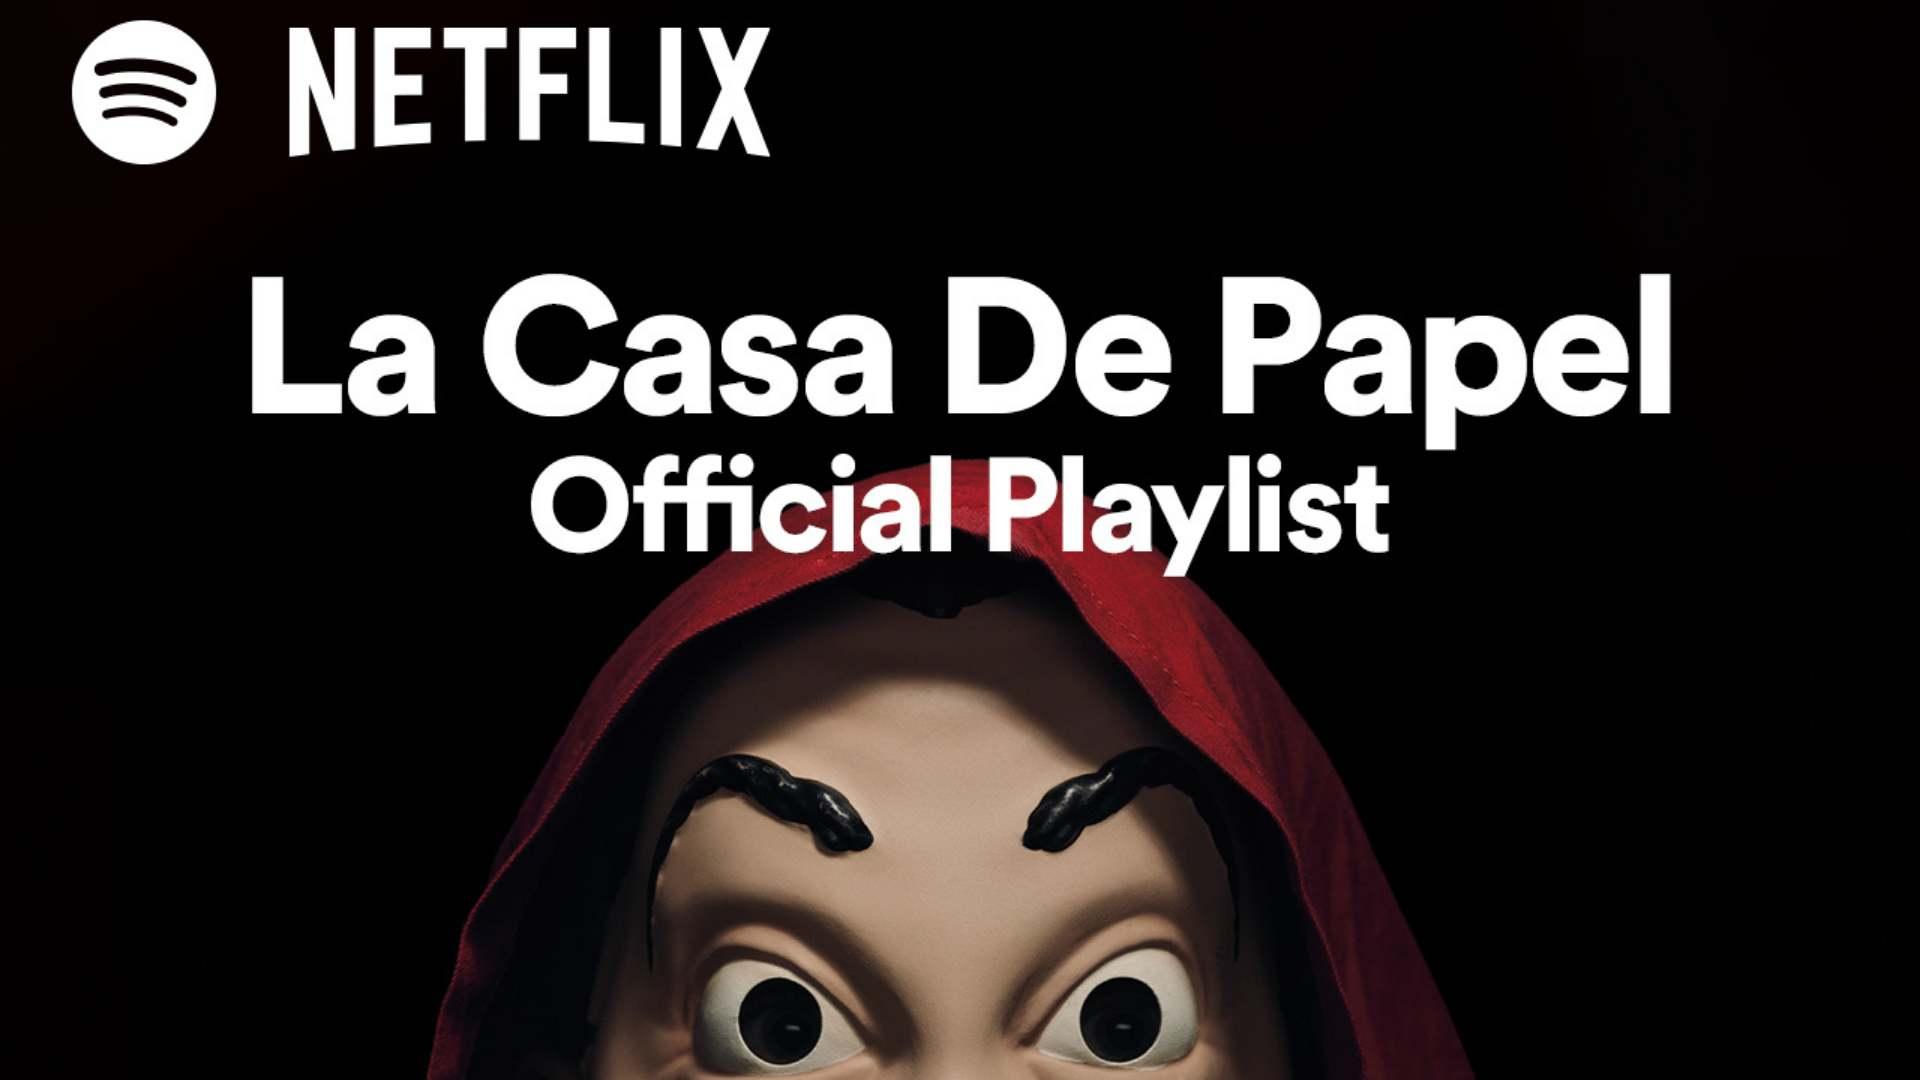 Spotify - La Casa de Papel